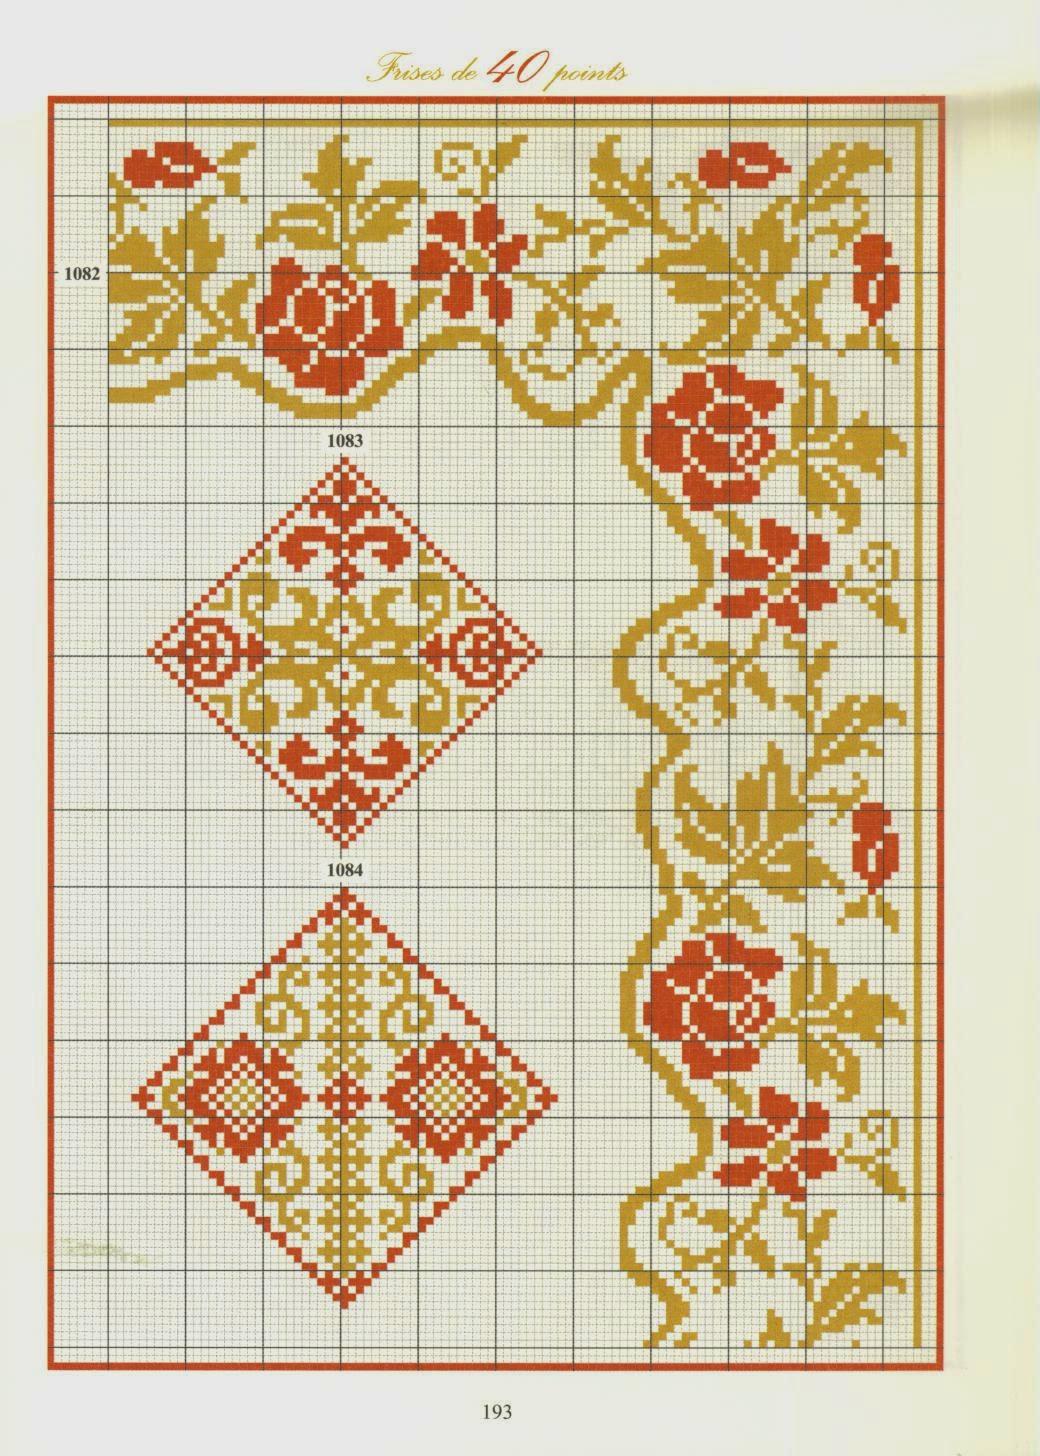 Котейкины хотелки;): repertoire de frises. орнаменты и бордю.